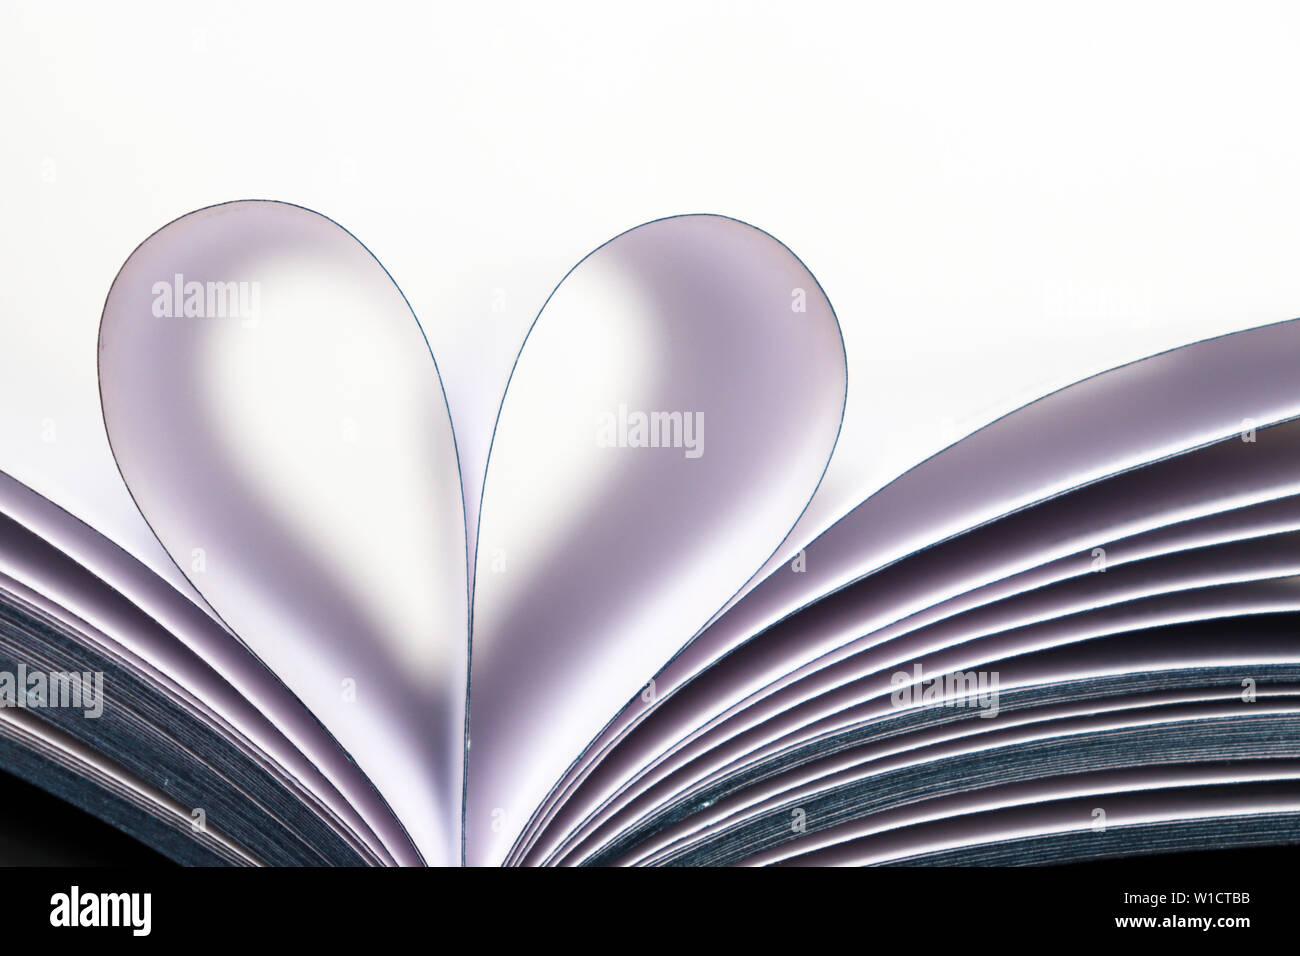 Buchen Sie Seiten geöffnet, in Herzform auf weißem Hintergrund. Liebe zum Lesen, Begriff der Wissenschaft, lernen, Romantik Stockfoto